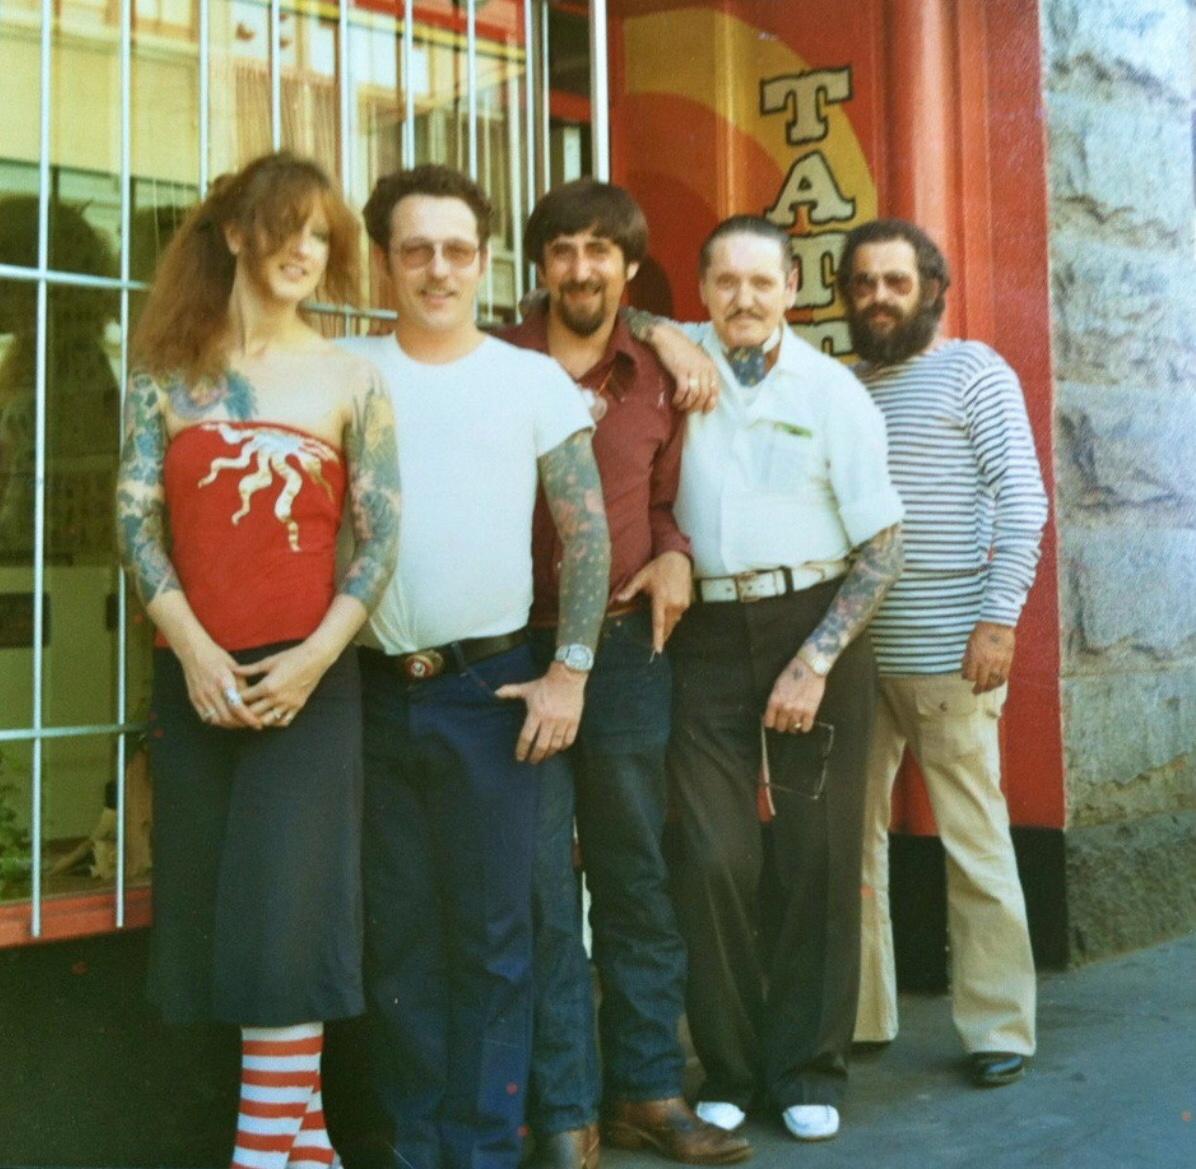 1970s staff